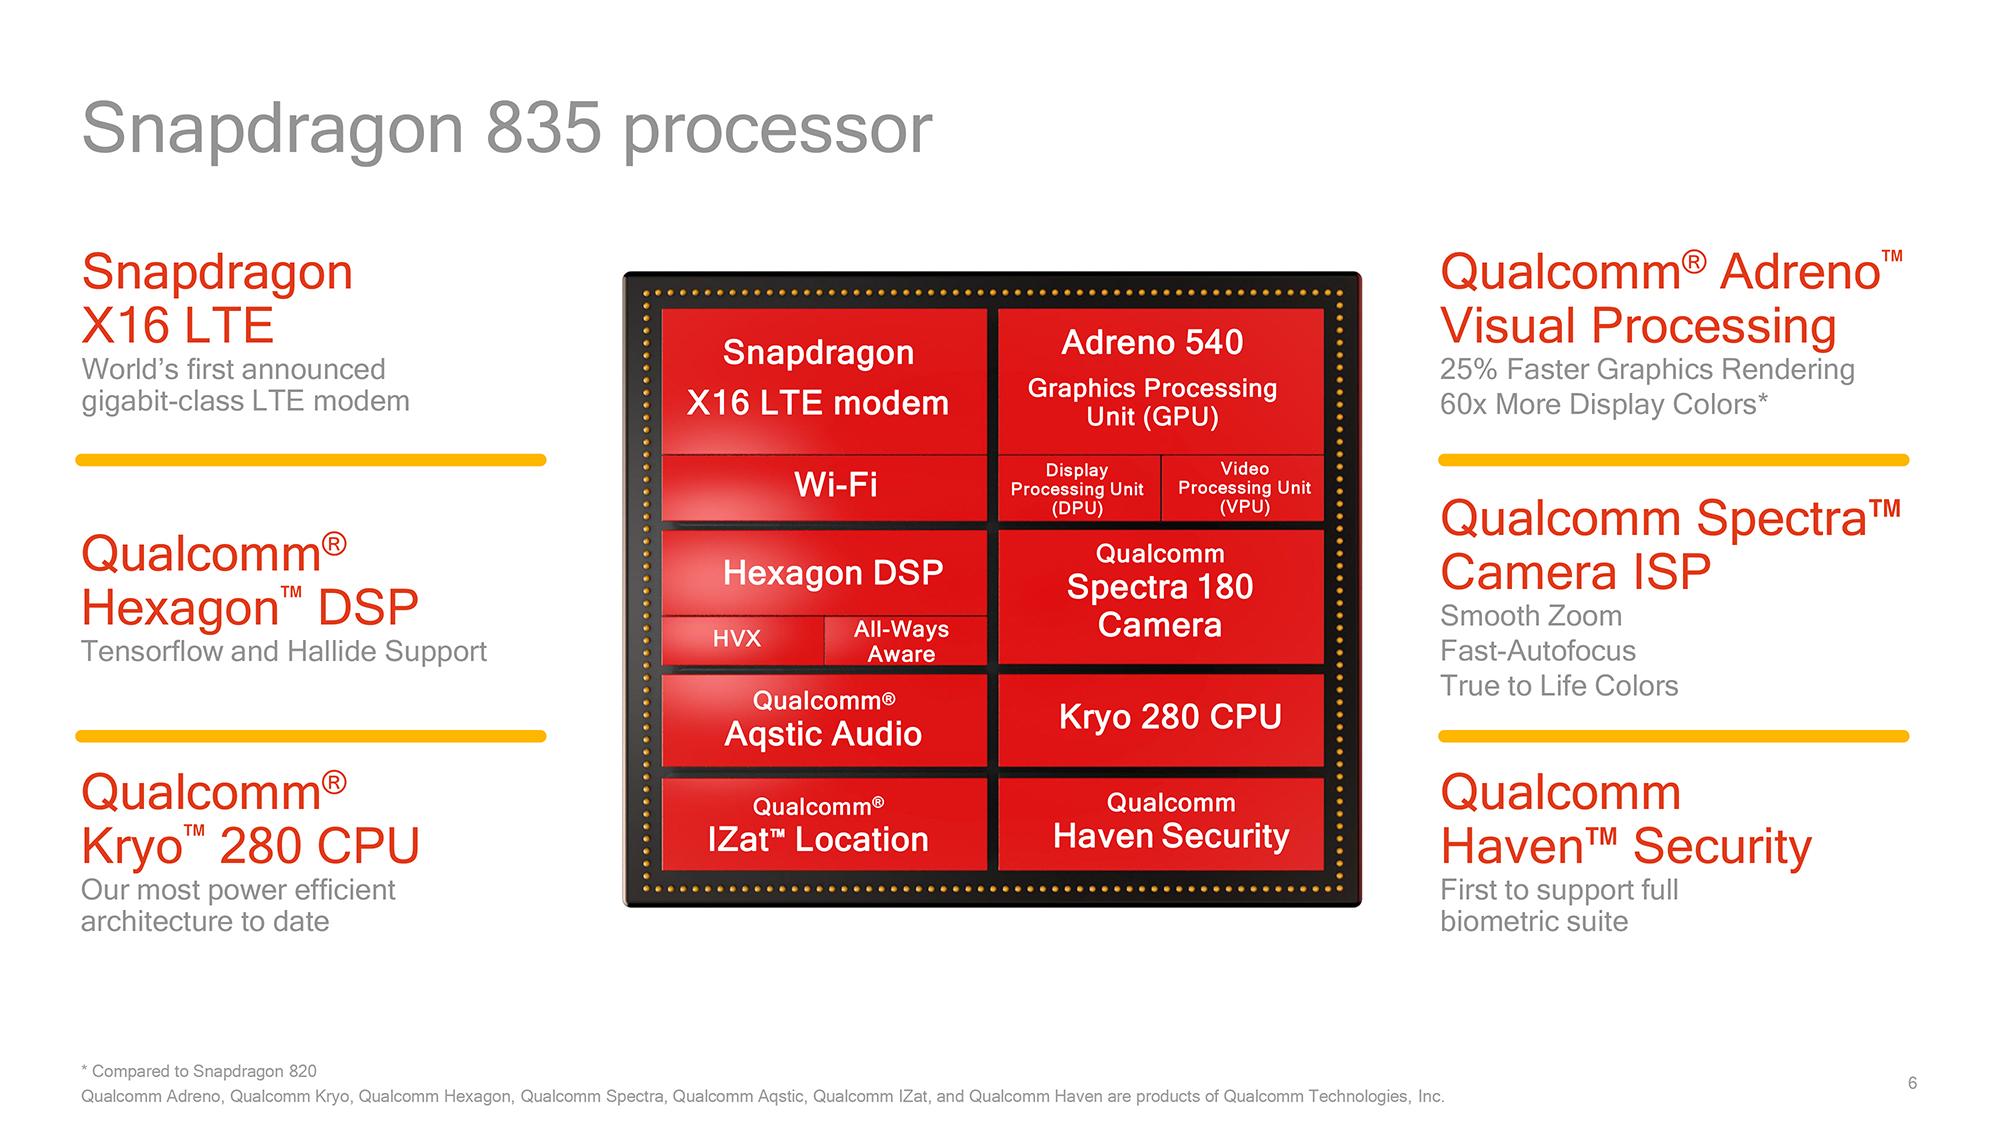 slides1-6.jpg